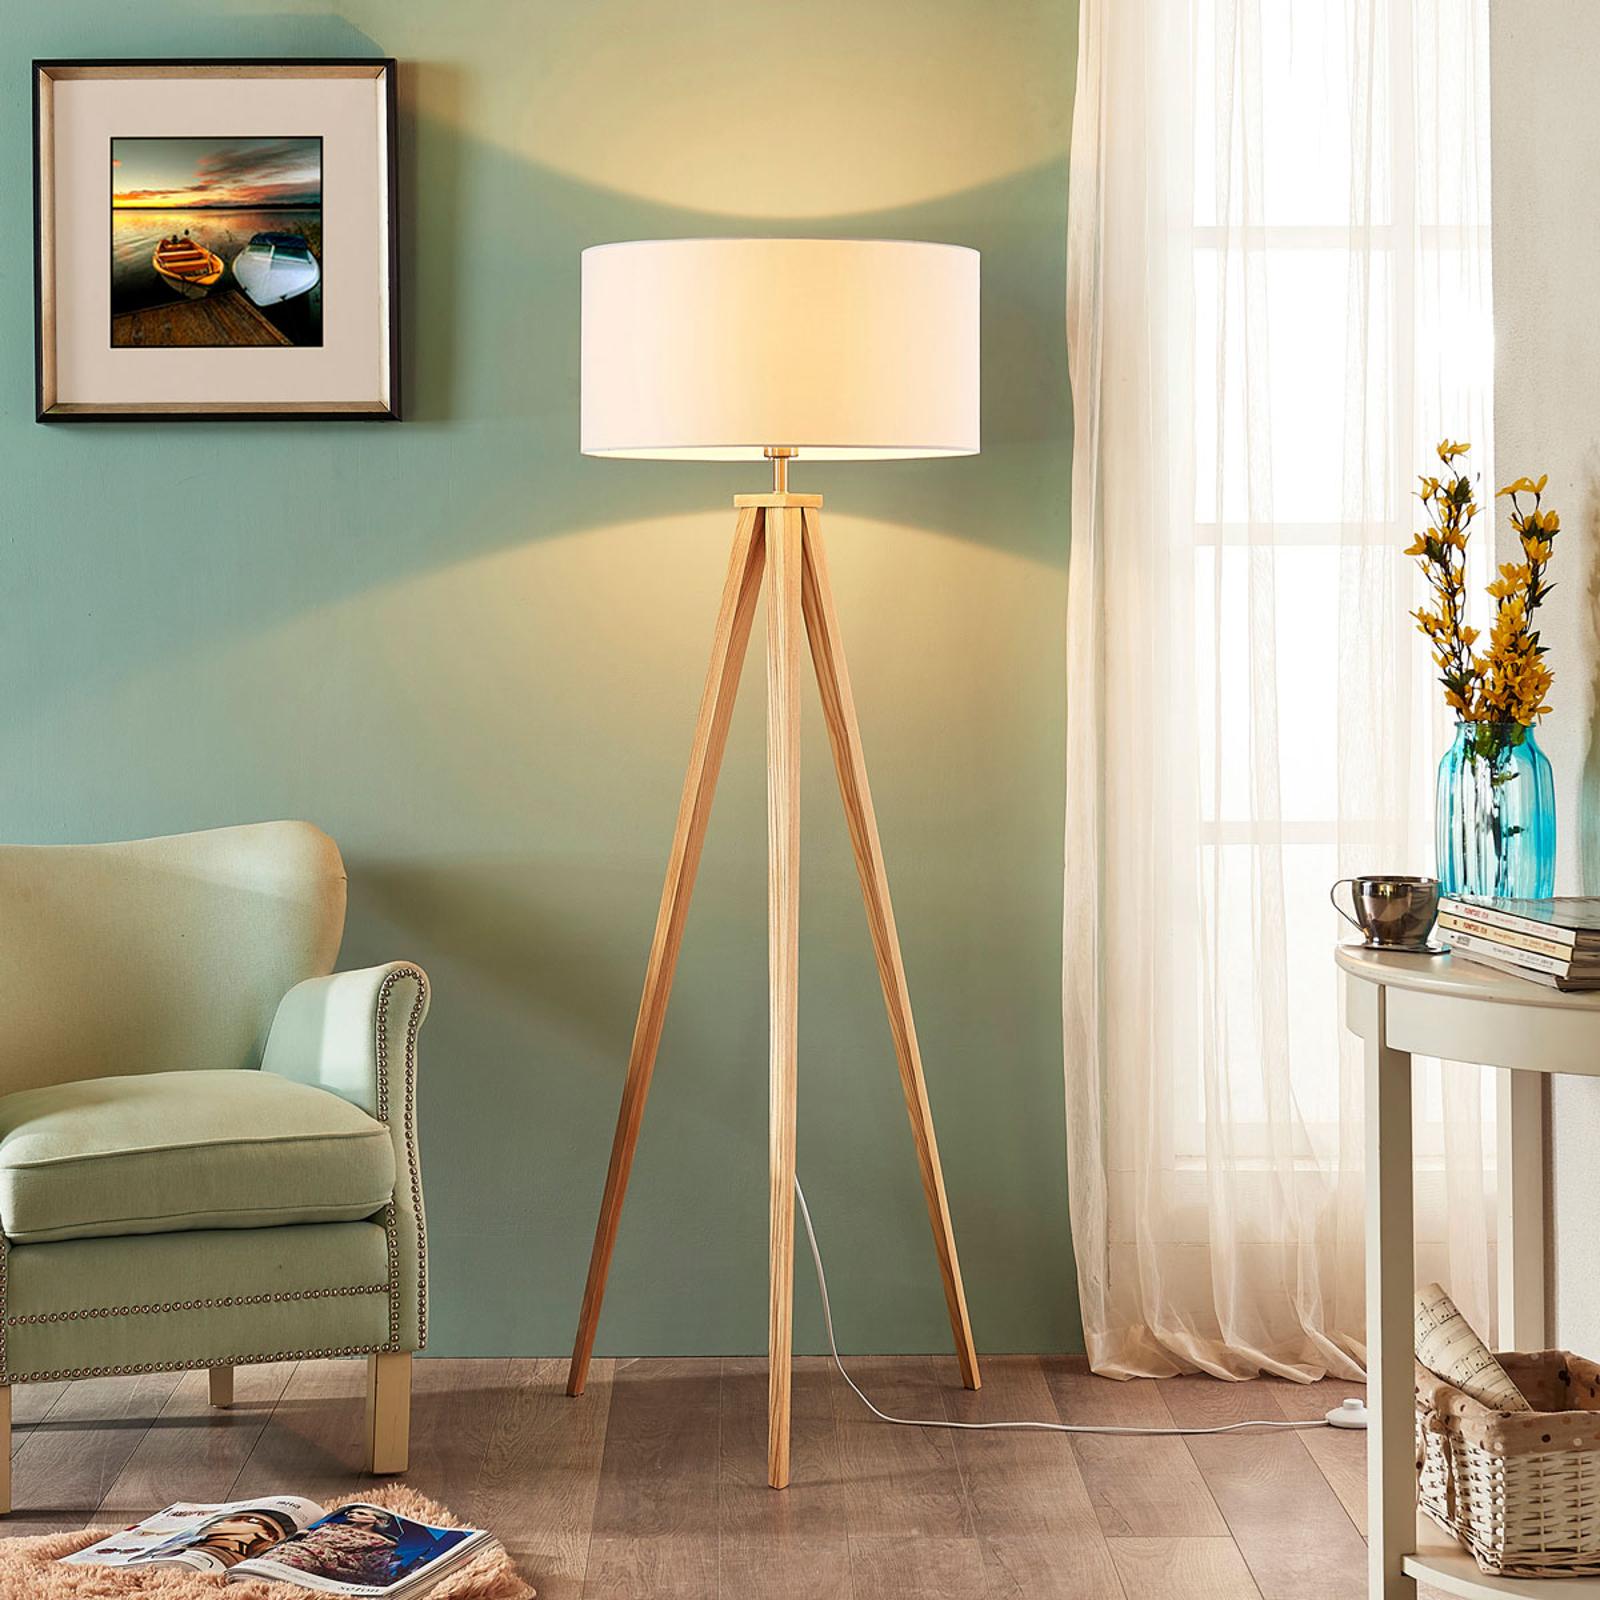 Driepoot houten vloerlamp Mya met witte kap